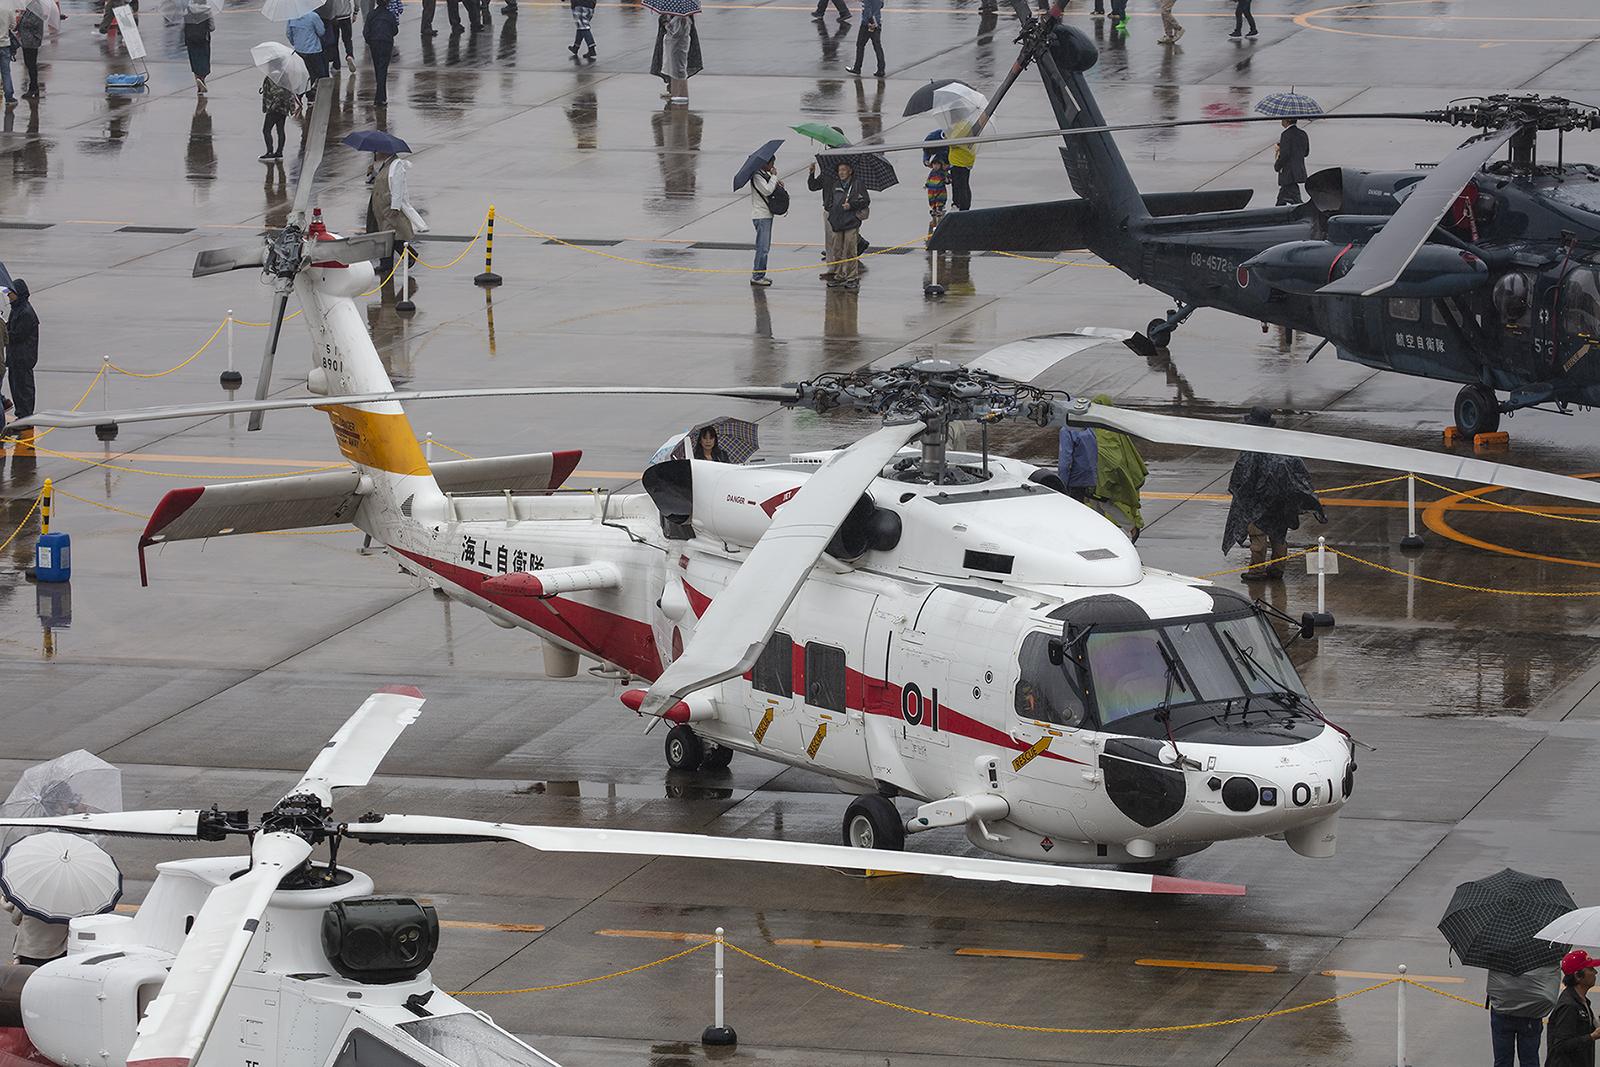 Der Prototyp des MH-60 für die Marine.